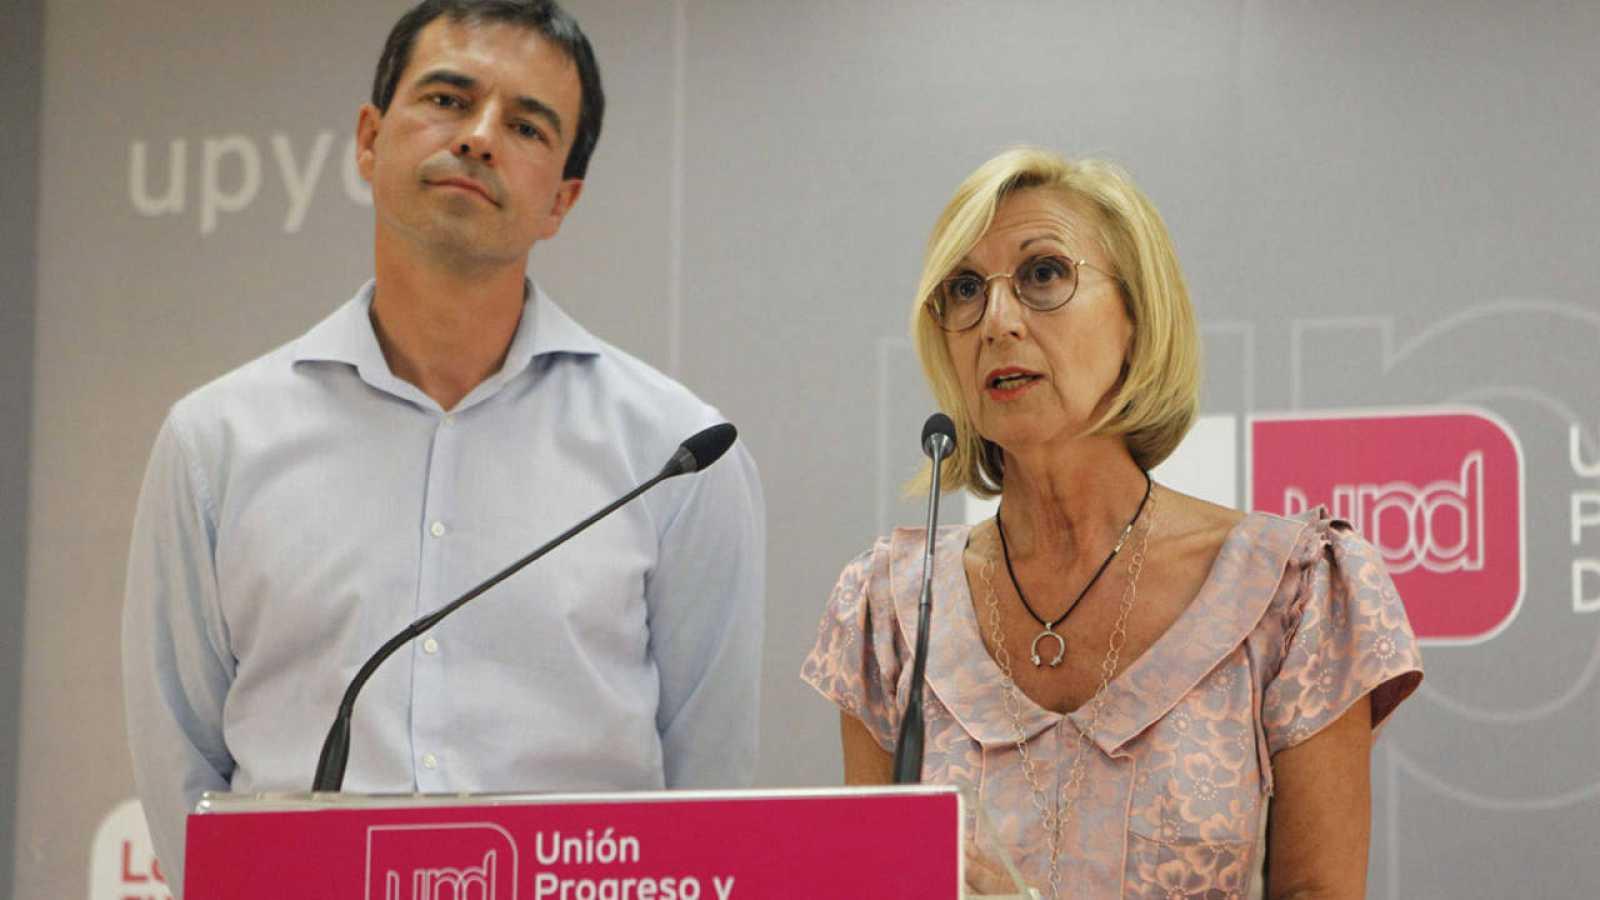 Los dos últimos responsables de UPyD, Rosa Díez y Andrés Herzog